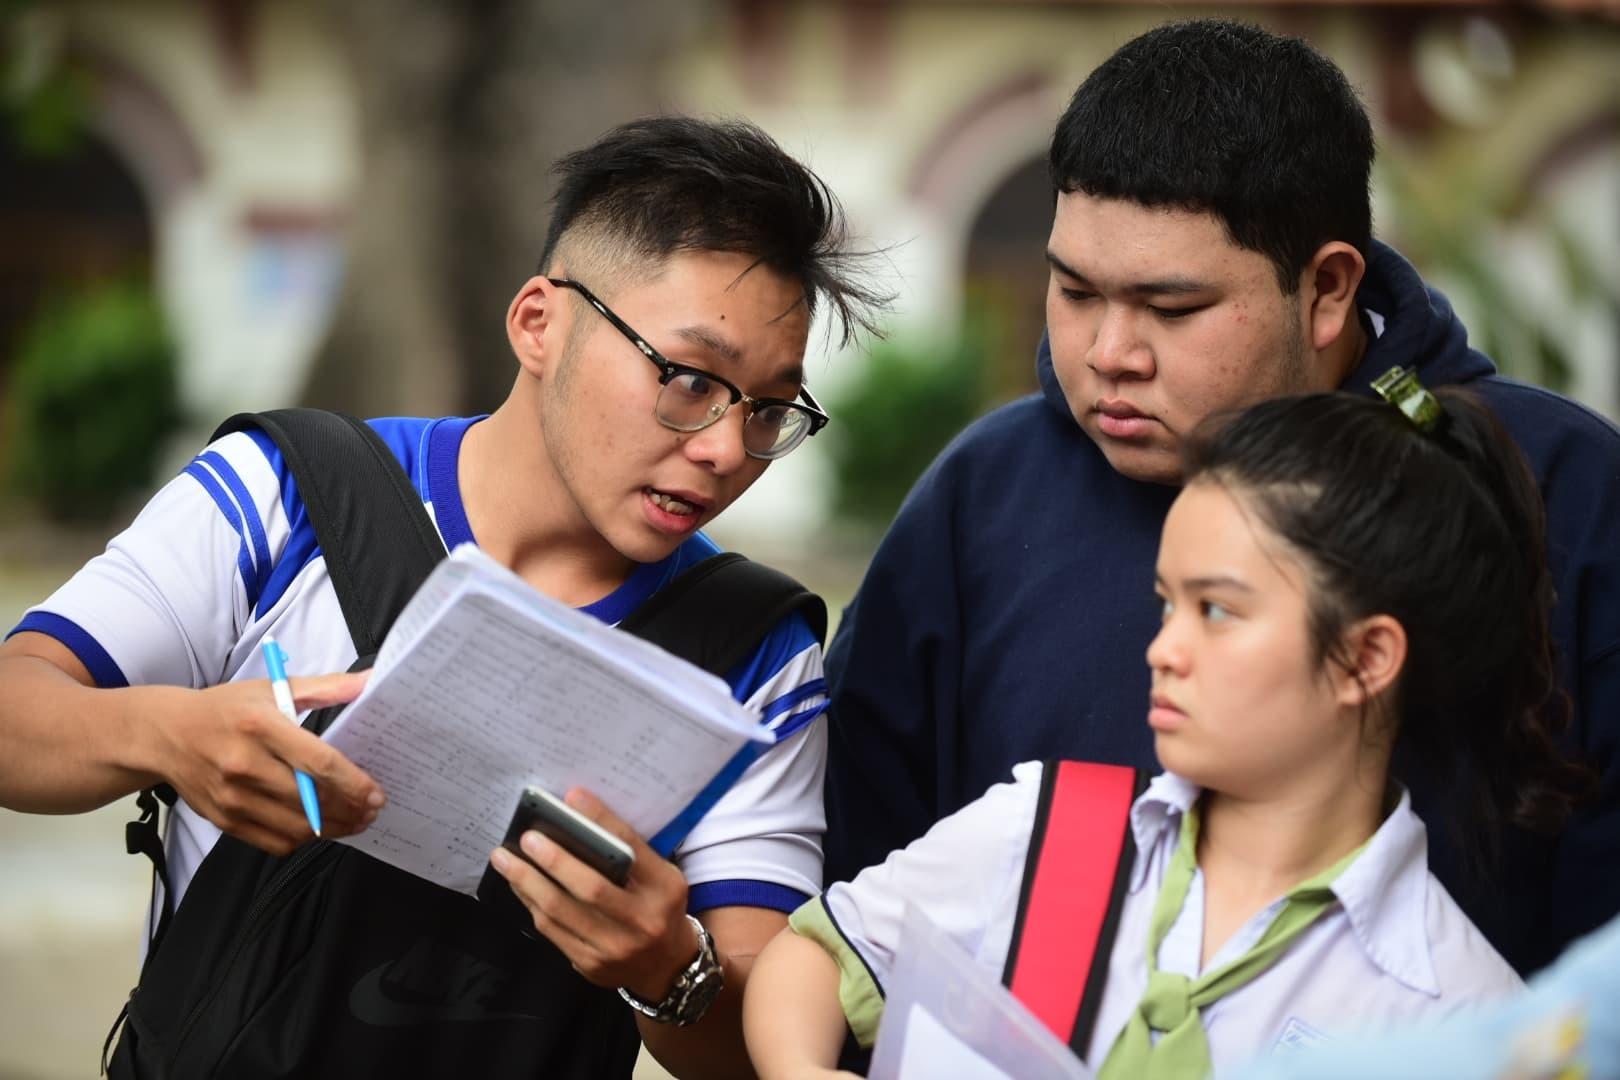 Chấm gần 39.000 bài thi Ngữ văn, TP.HCM có 3 điểm 9